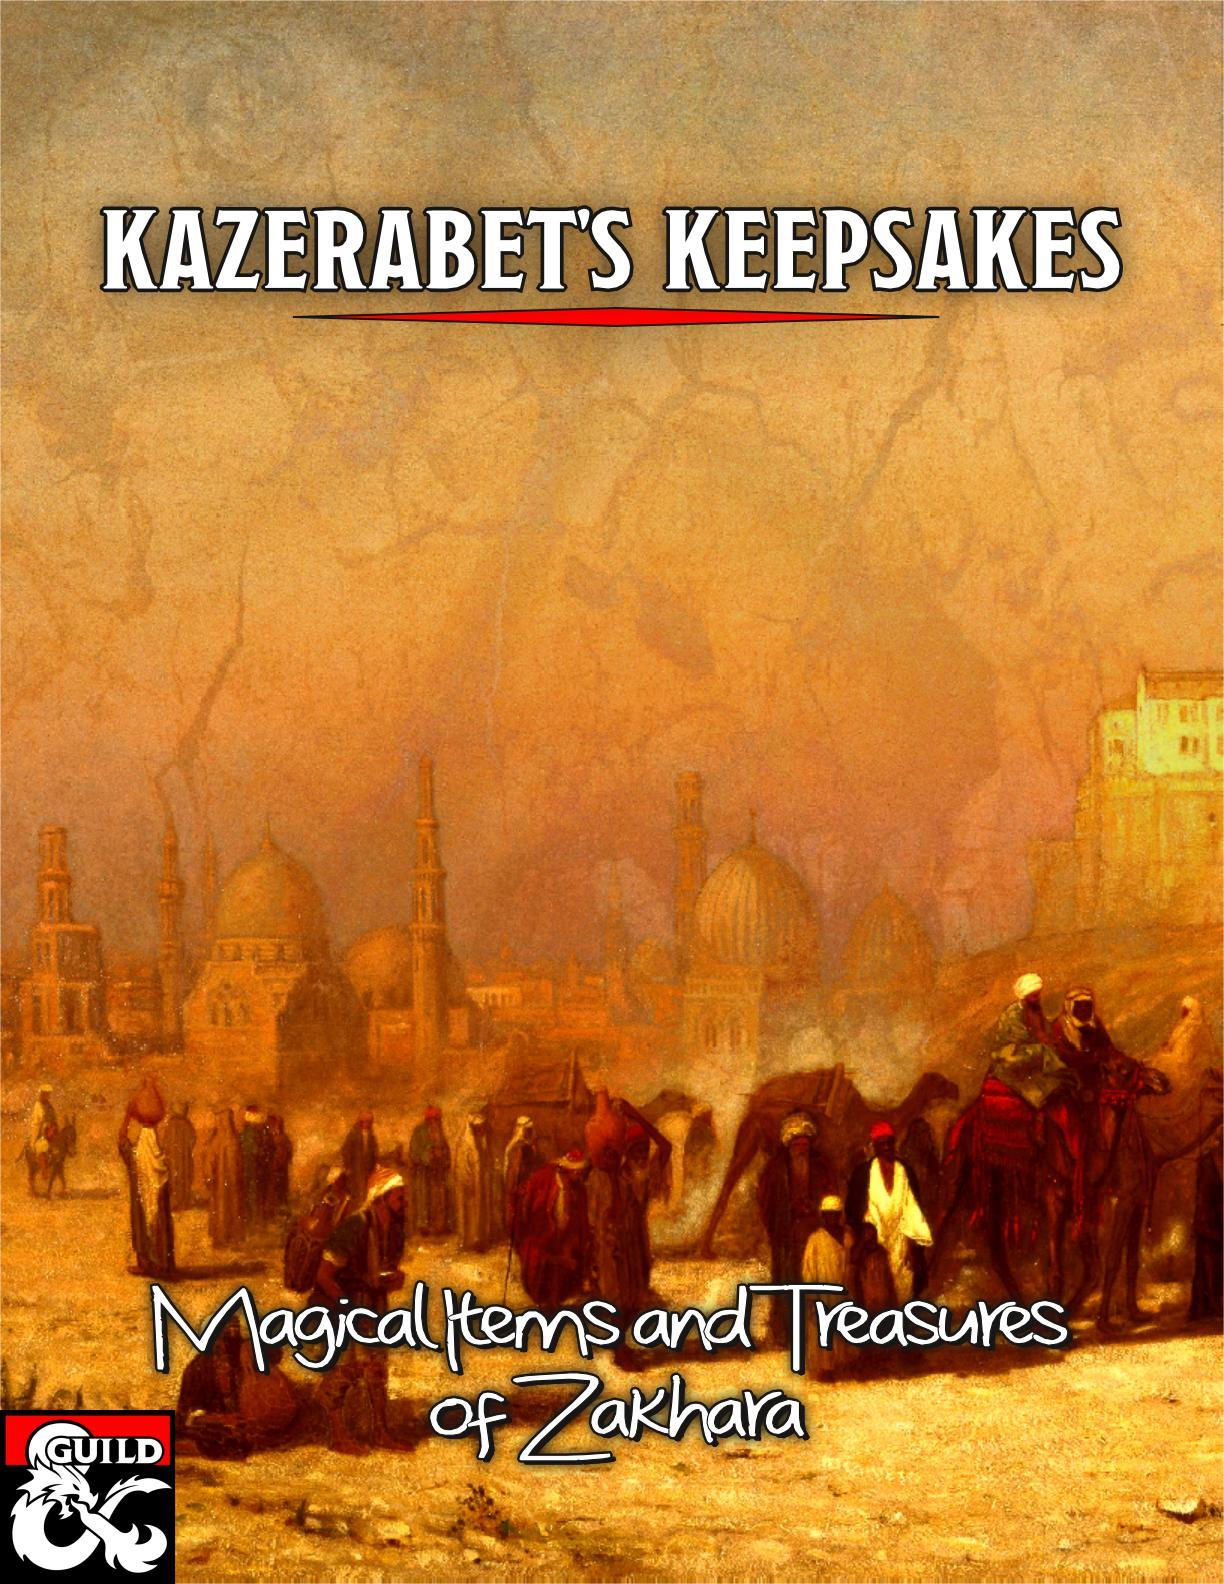 Kazerabet's Keepsakes Cover 3.jpg